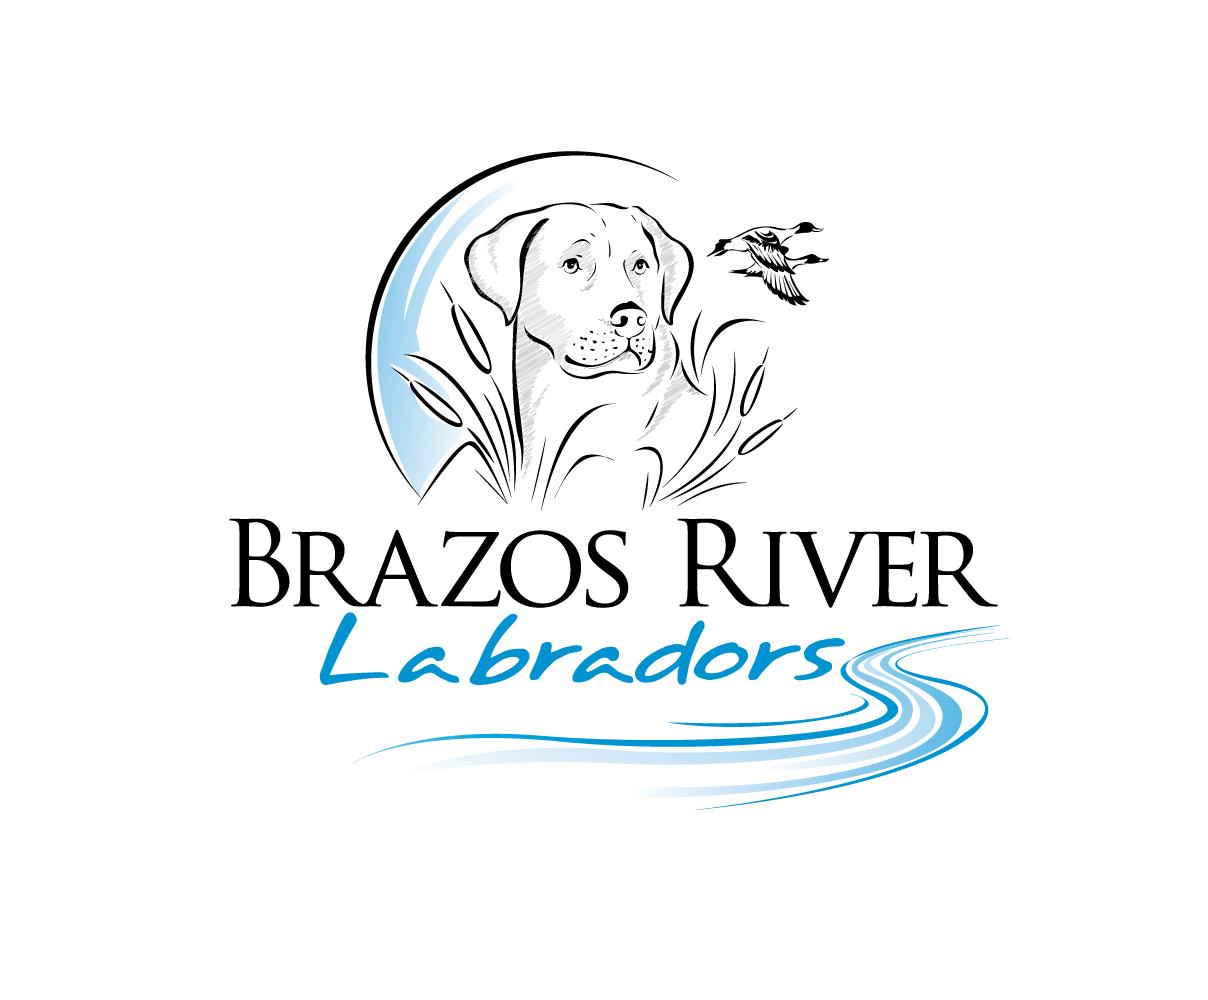 Brazos River Labradors